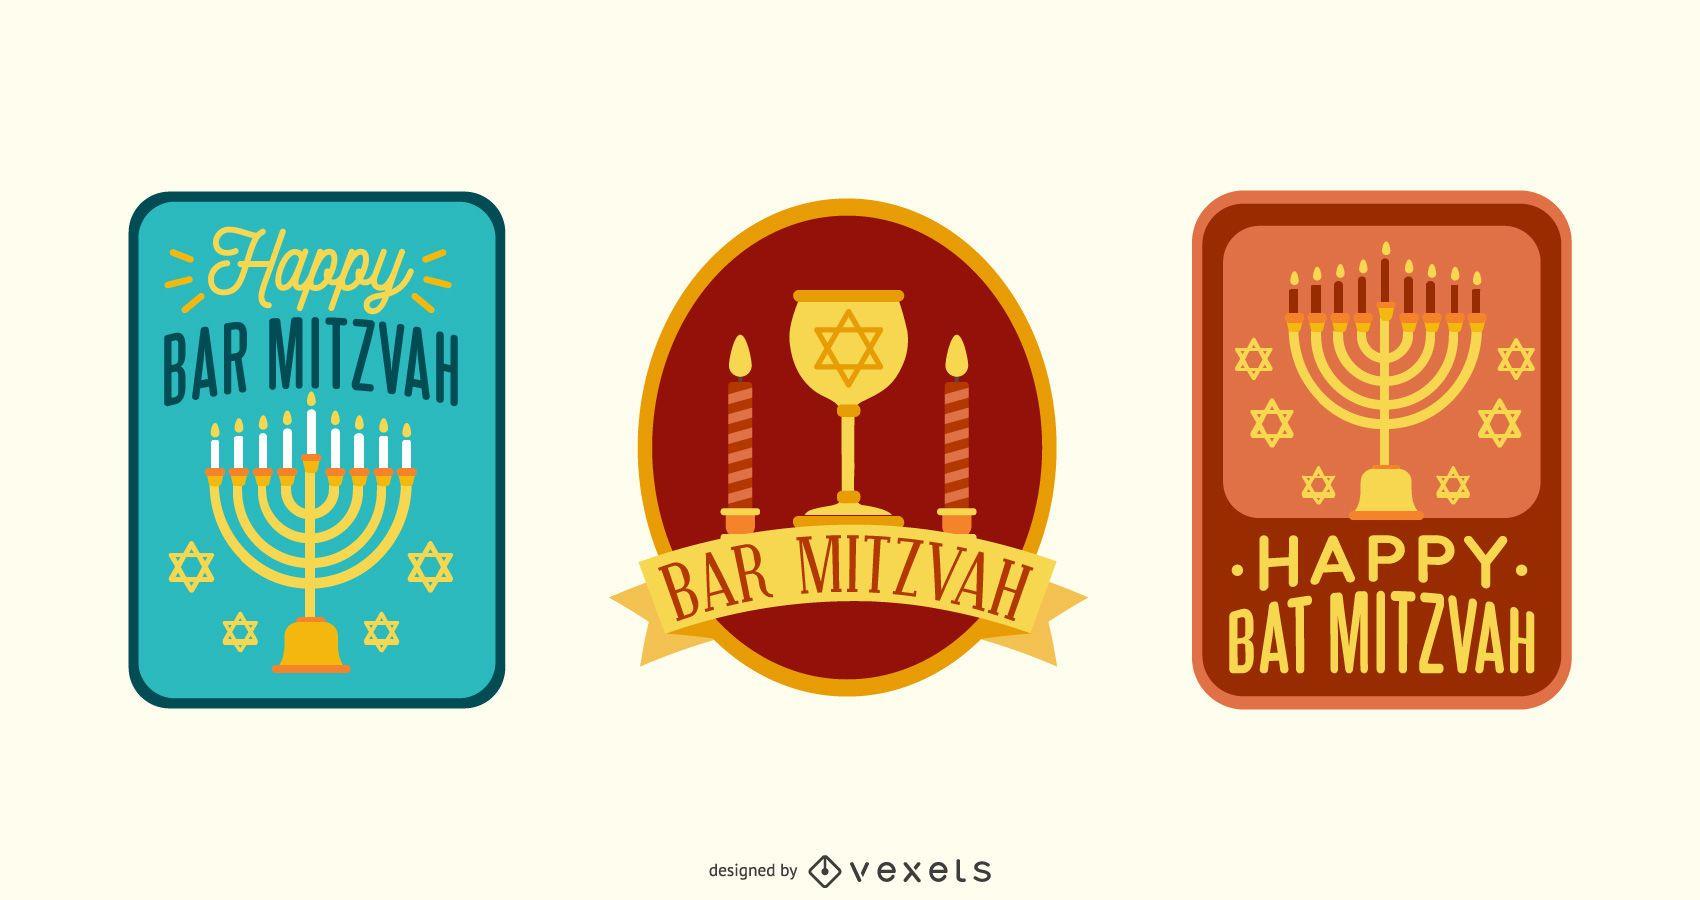 BAR MITZVAH Lettering Design Set